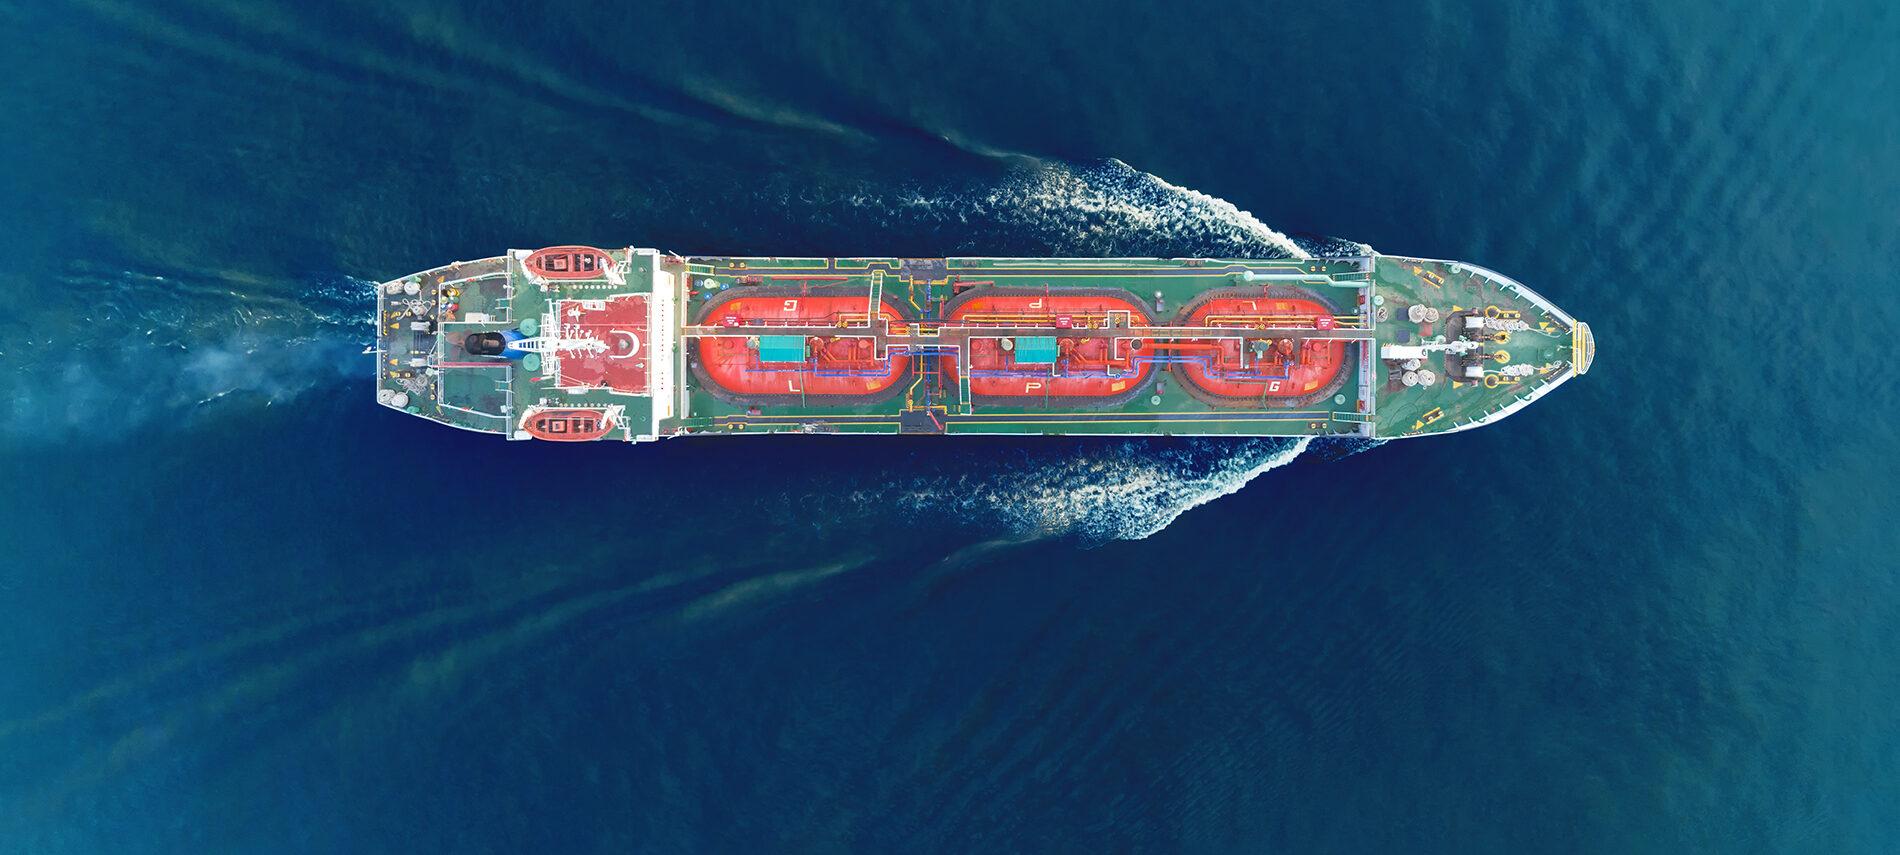 Foto von oben: Frachtschiff fährt im Meer